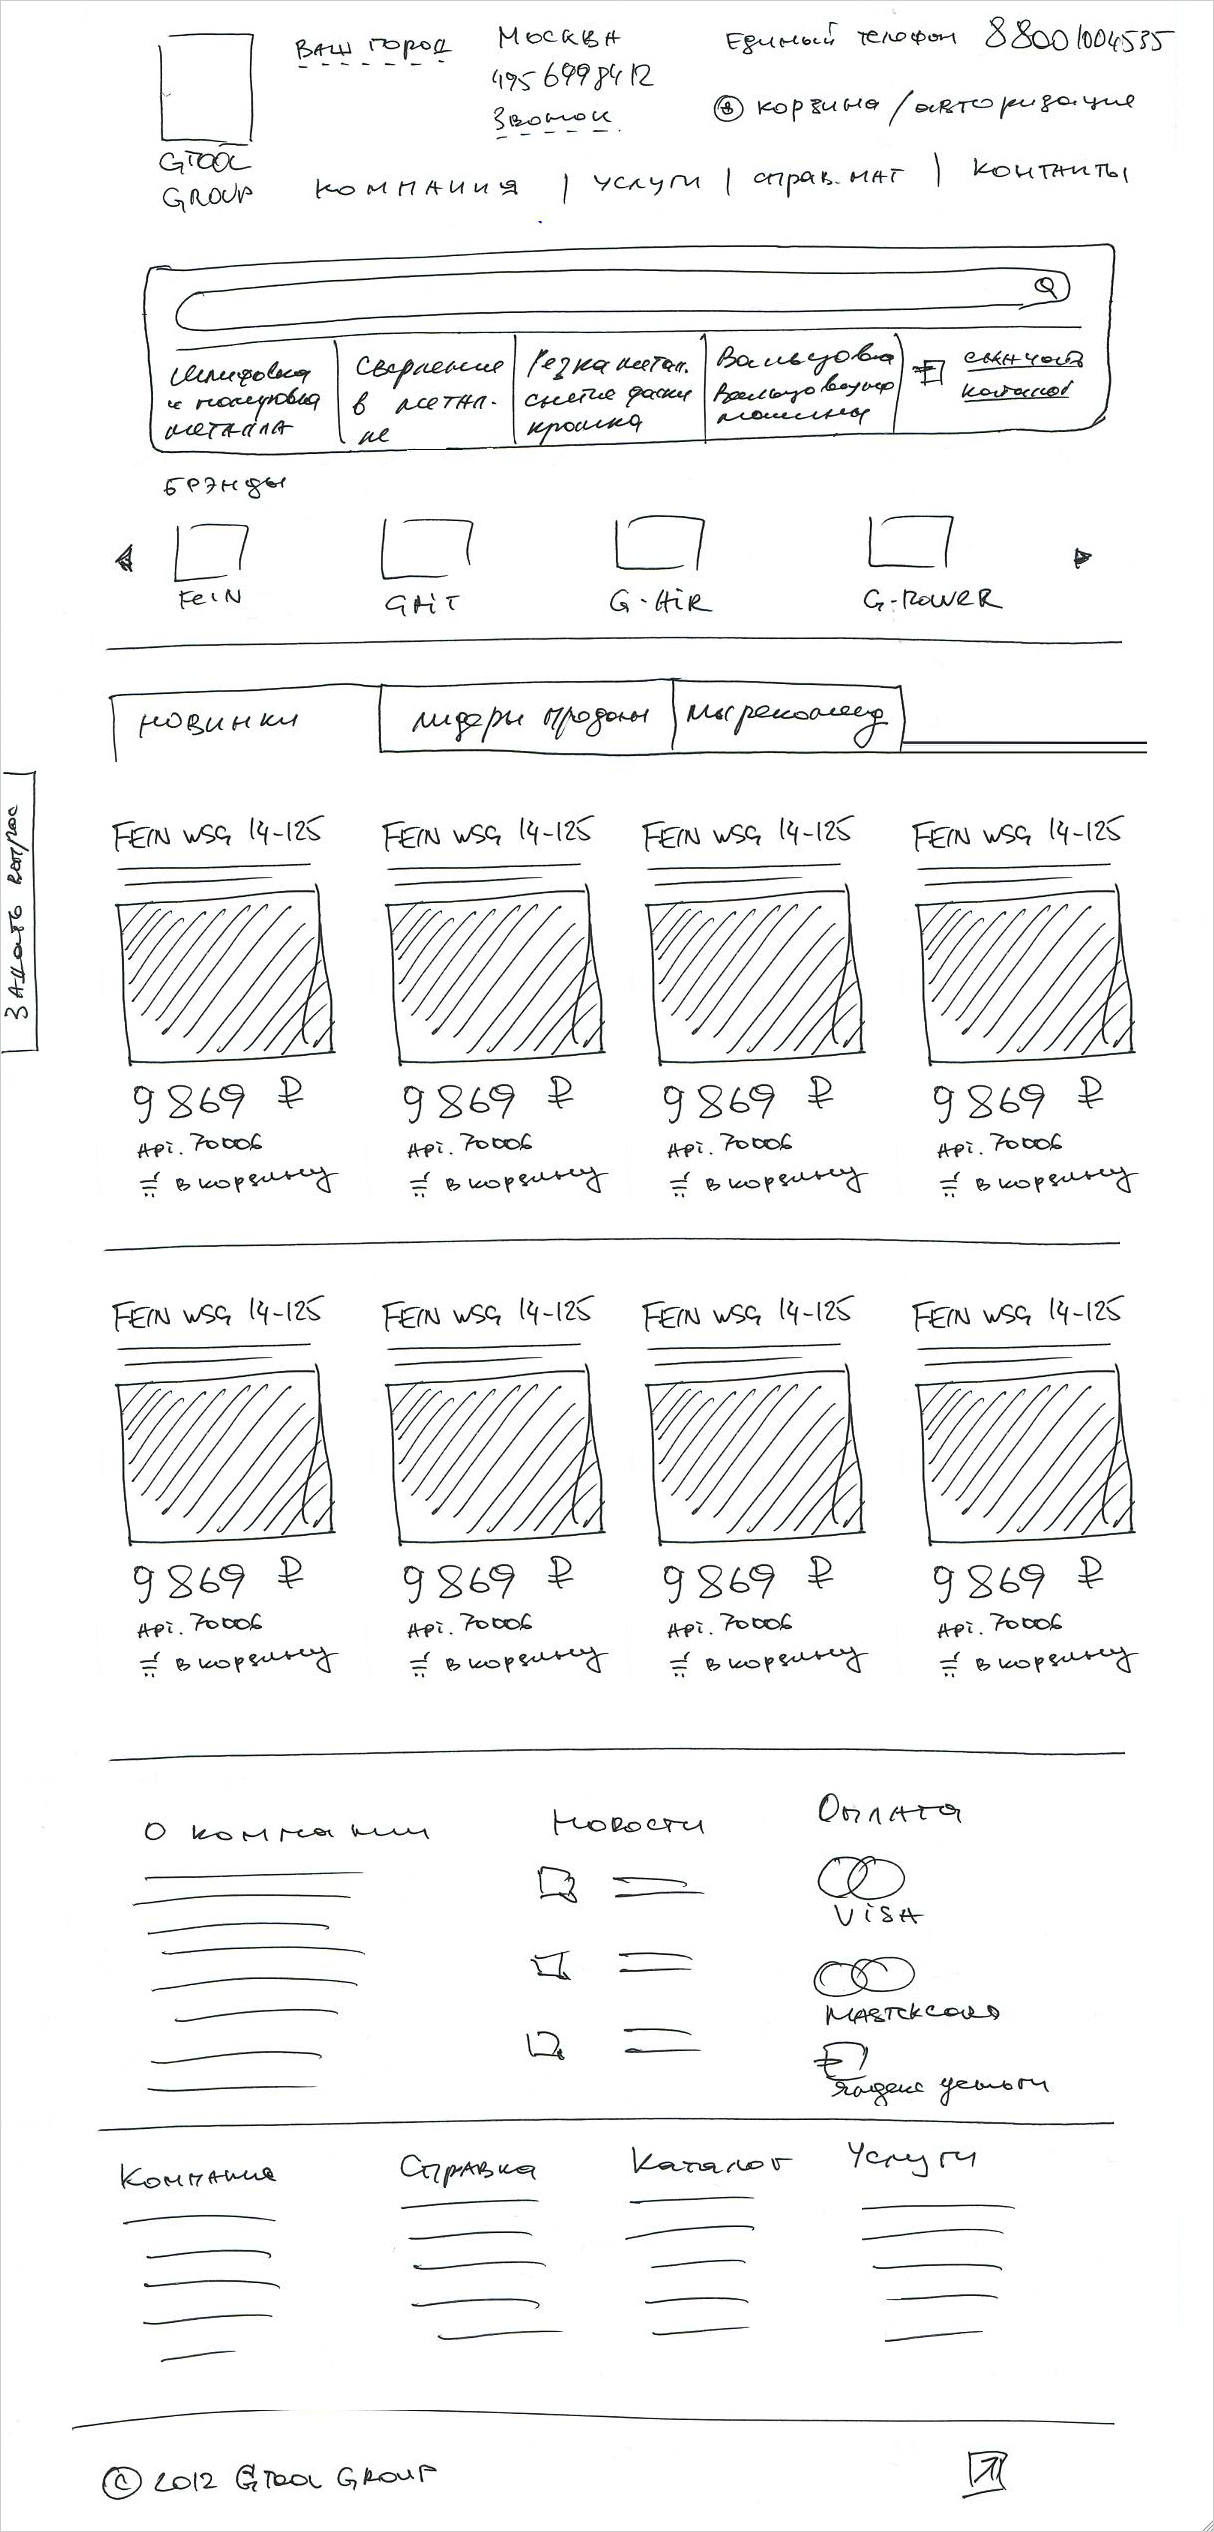 <p><b>Скетч каталога</b></p><p>Решаем сдвинуть всю справочную информацию вниз. Теперь мыимеем следующую структуру.</p>